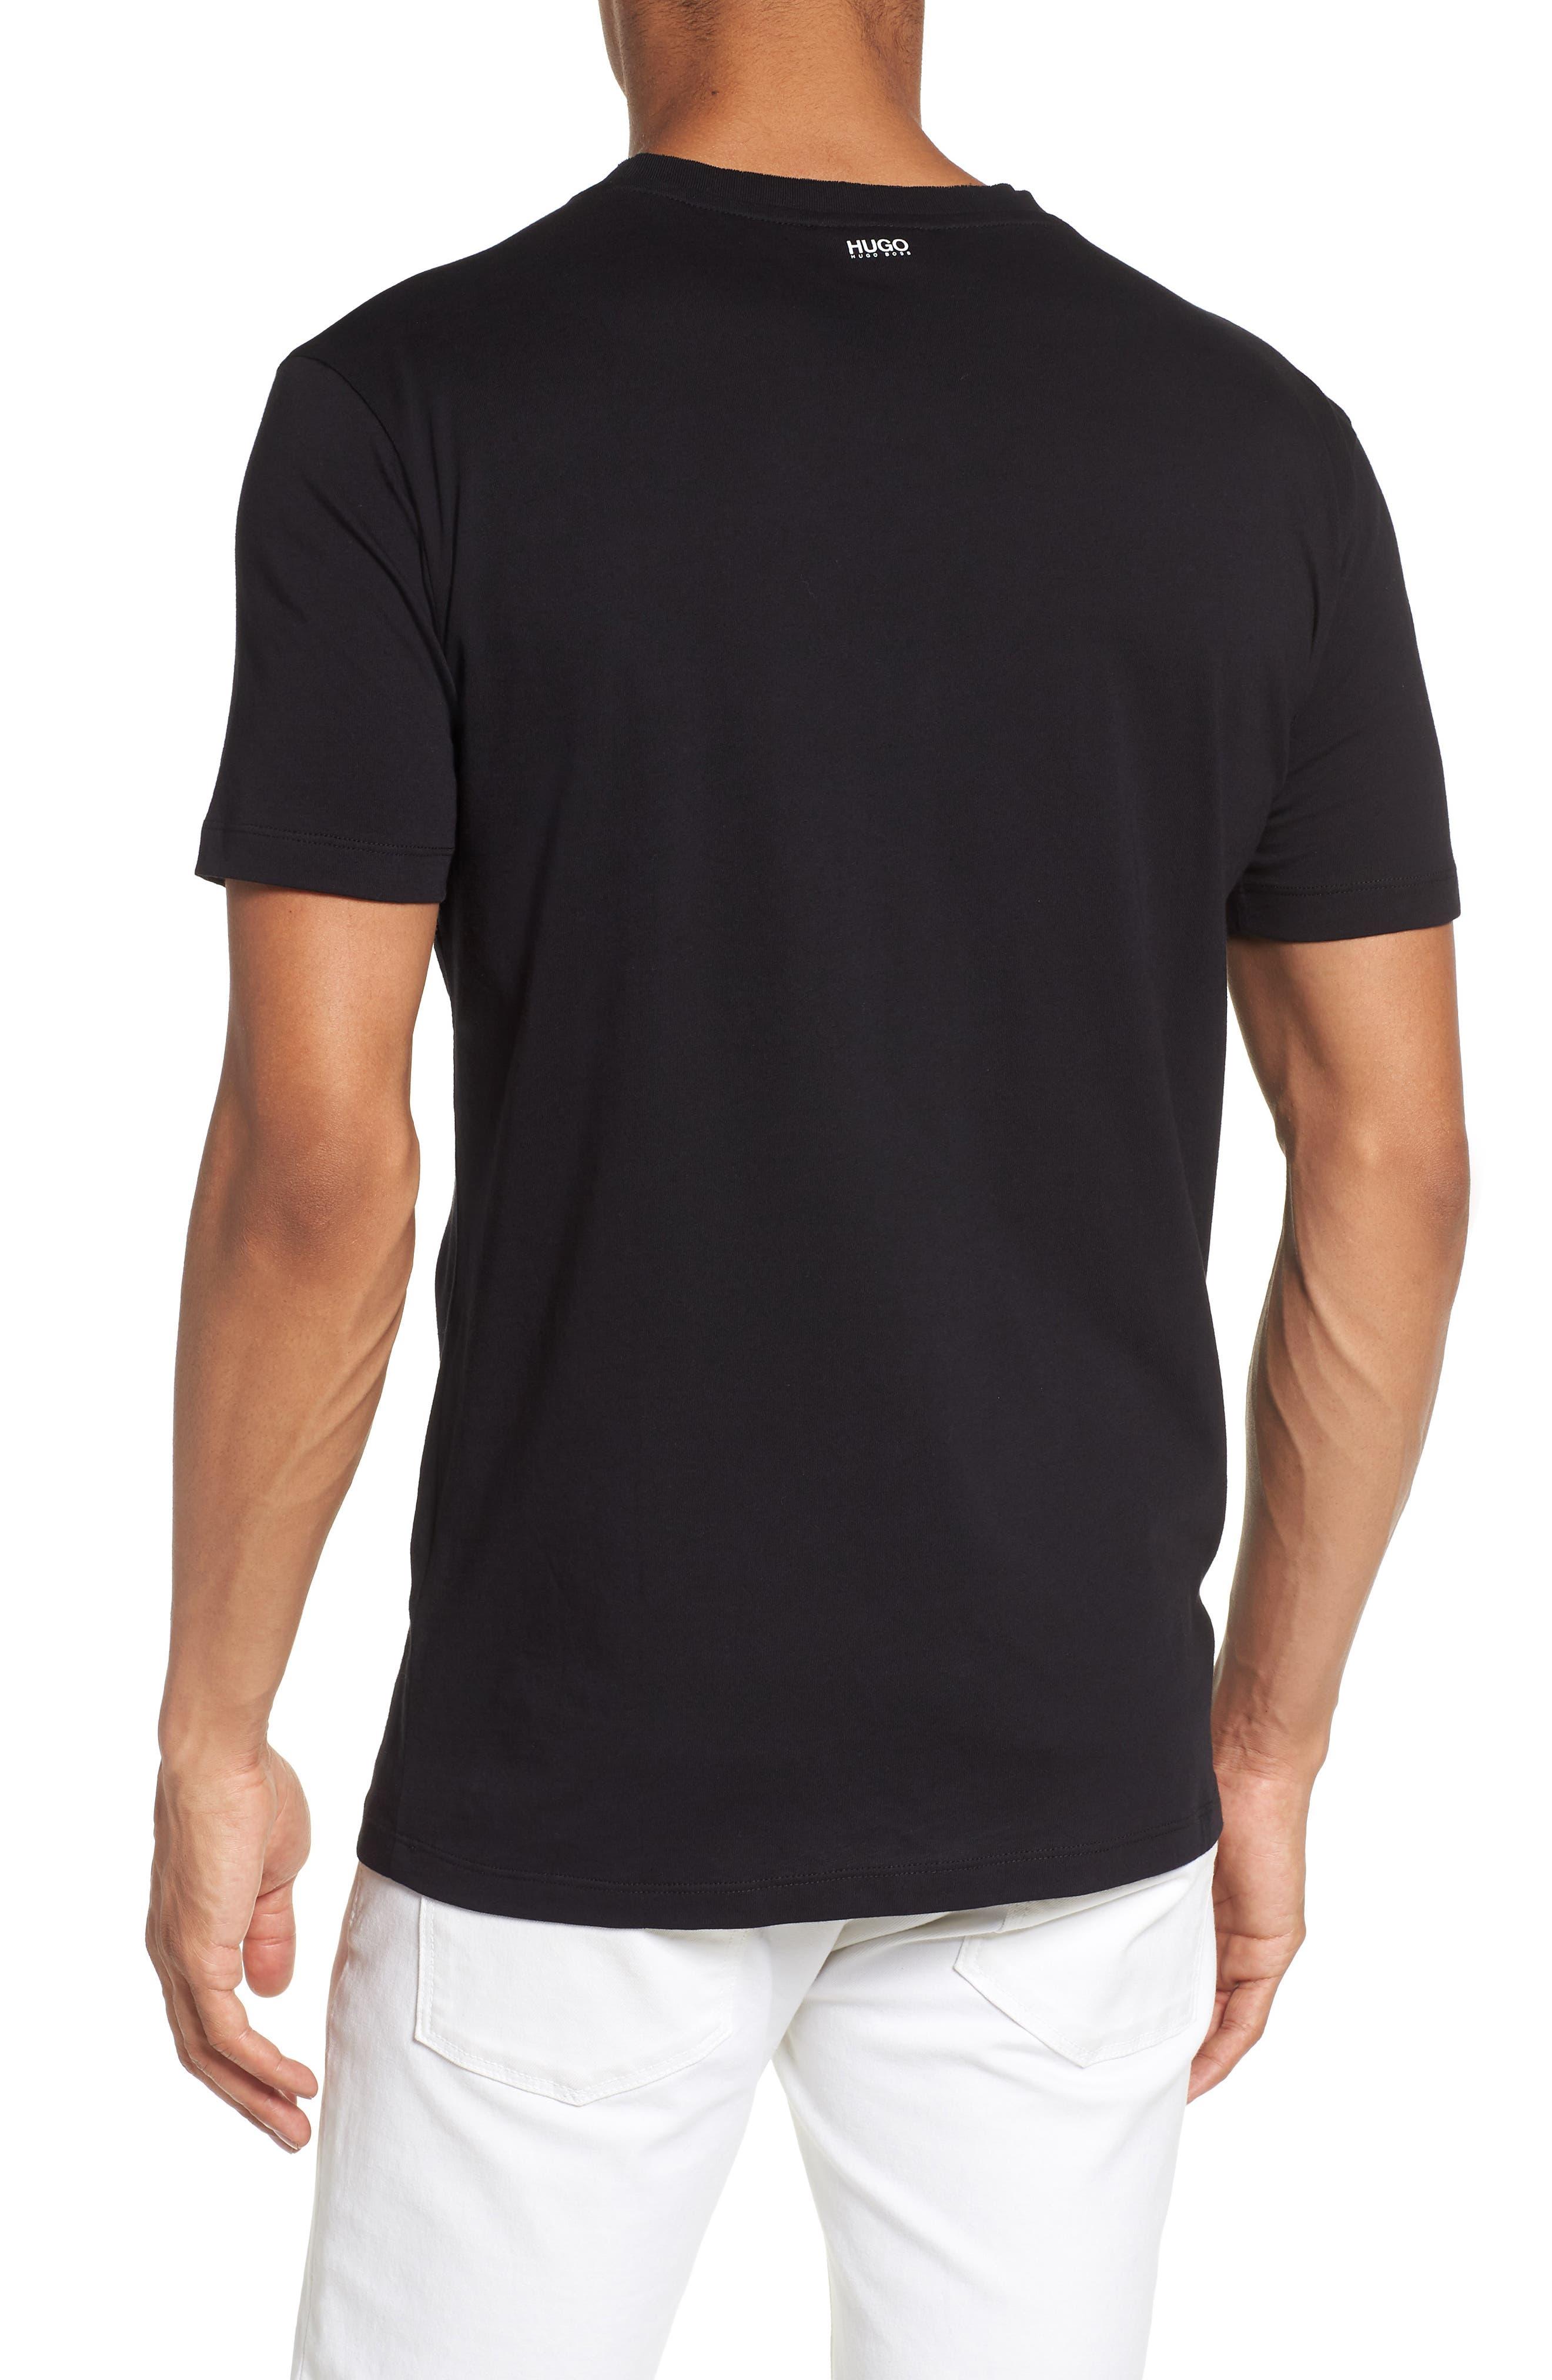 Dimage T-Shirt,                             Alternate thumbnail 2, color,                             001